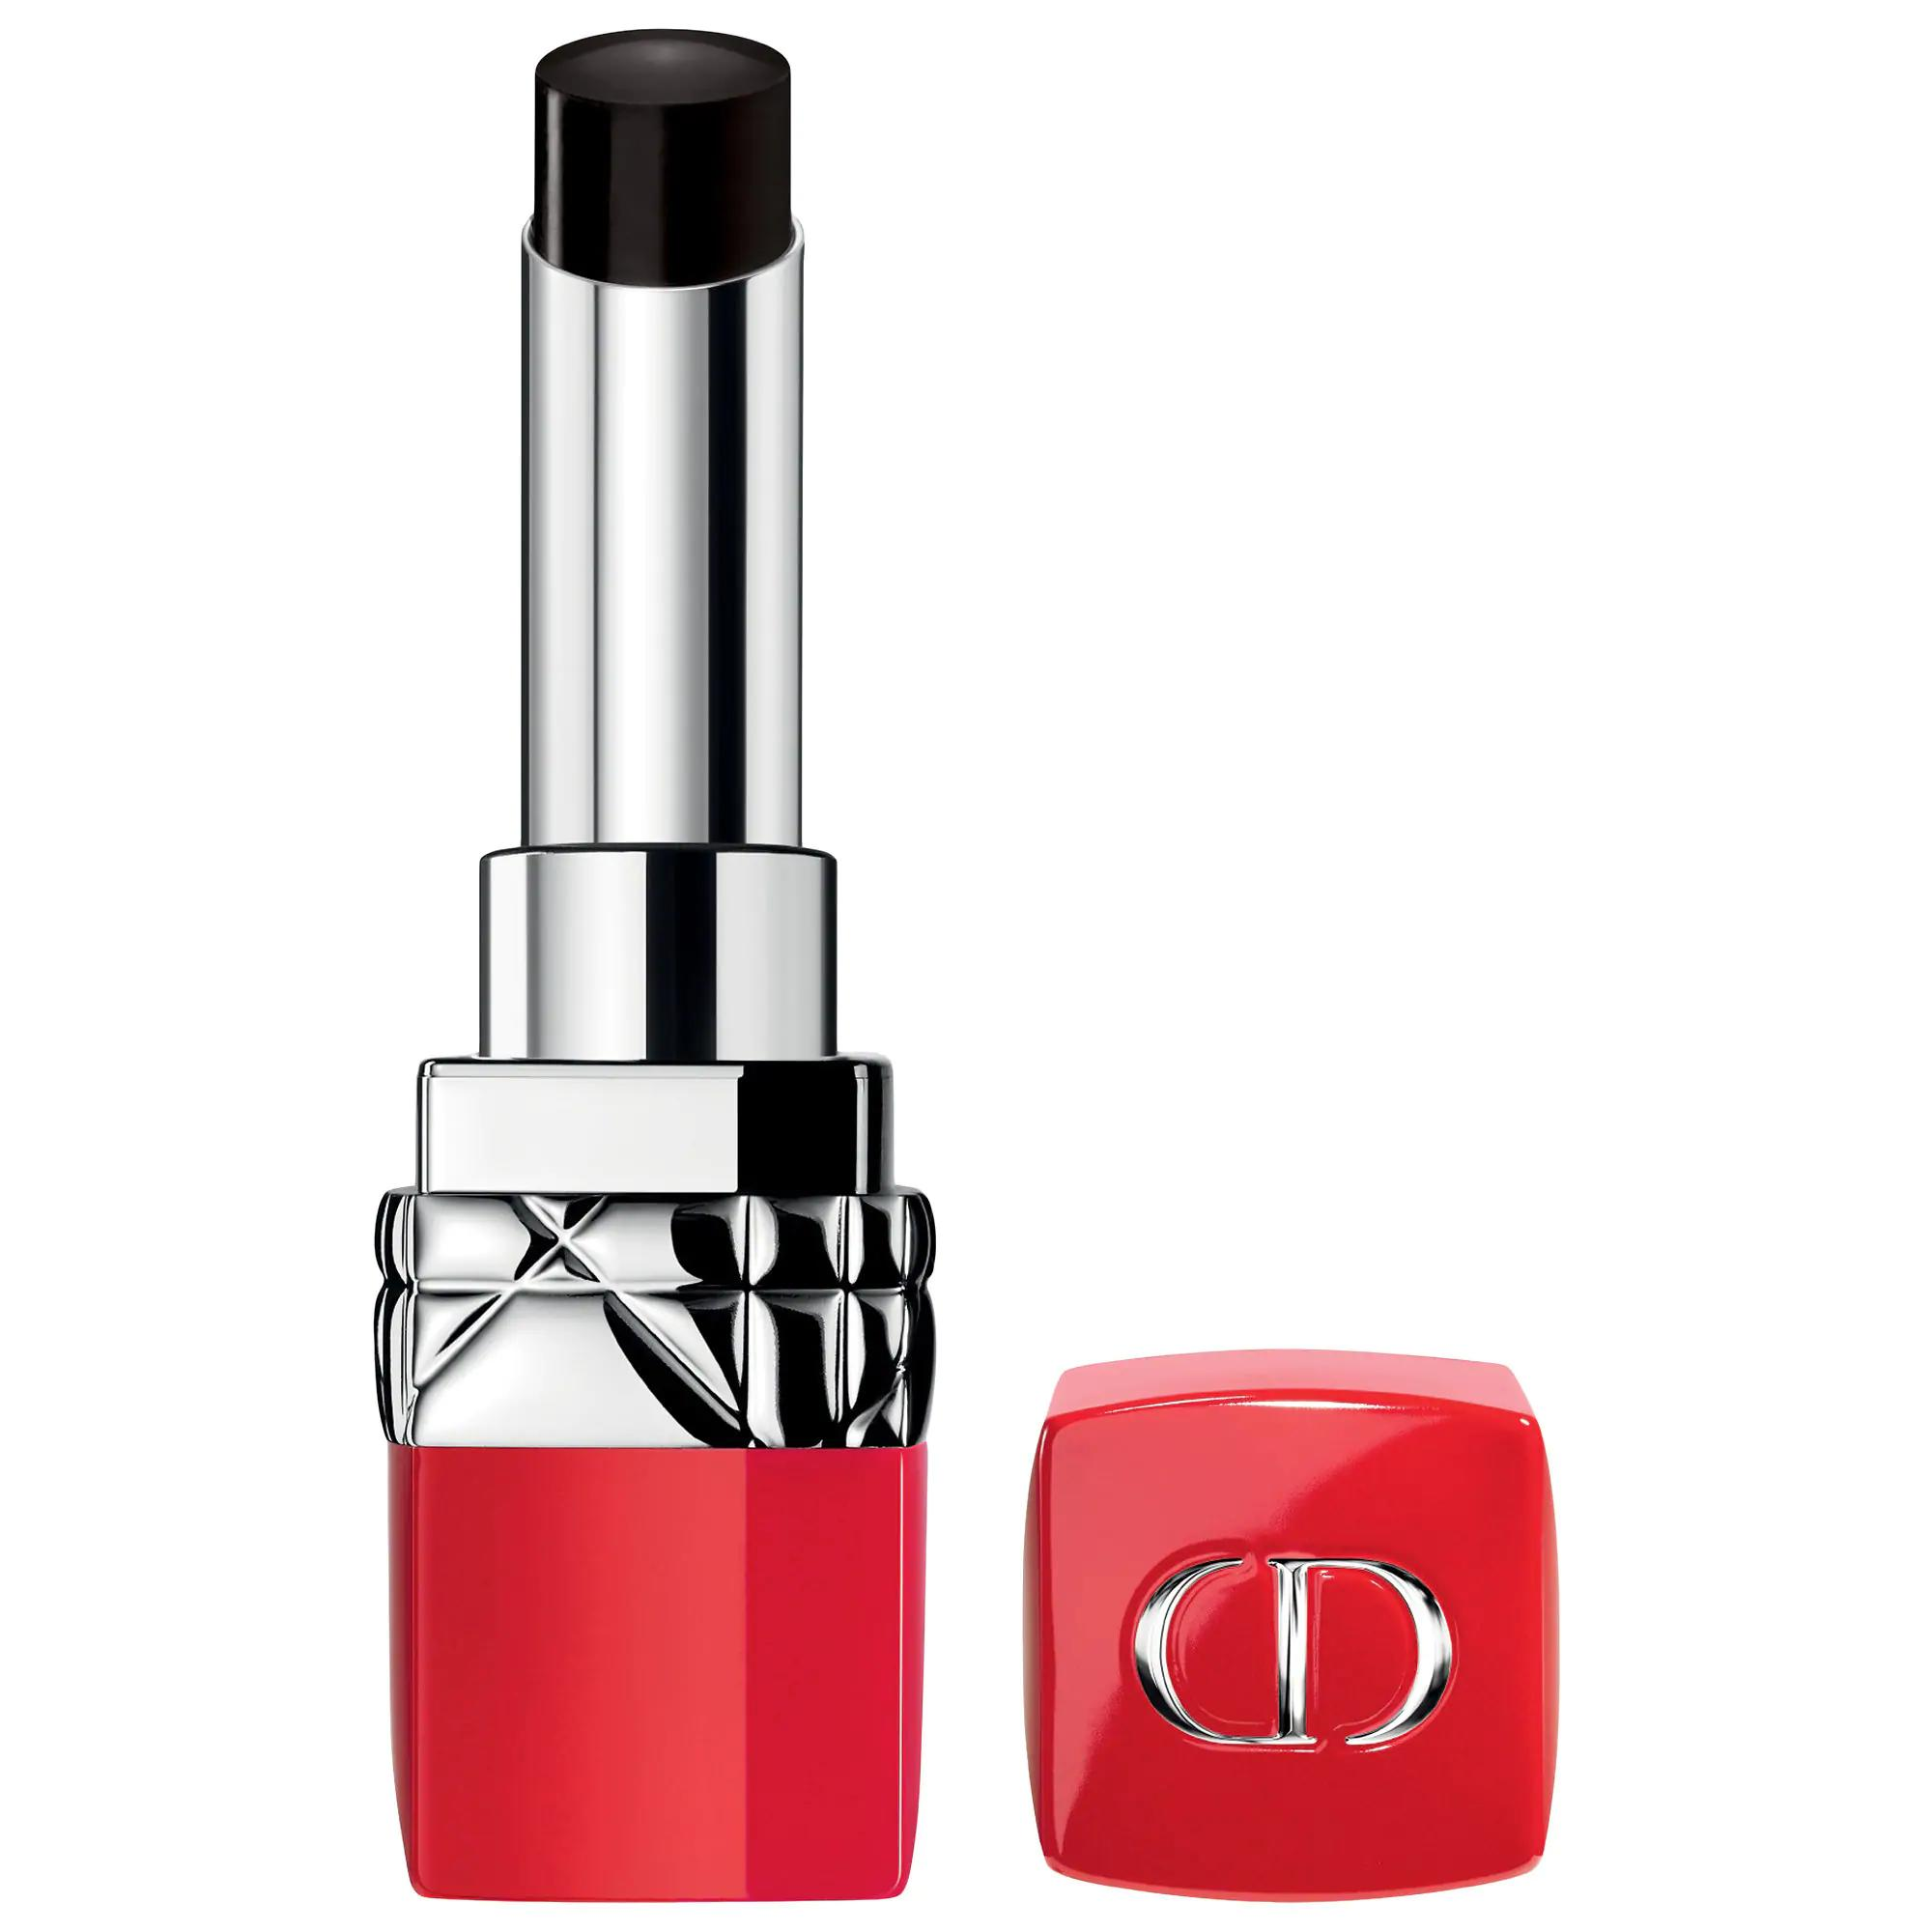 Dior Rouge Dior Ultra Lipstick 111